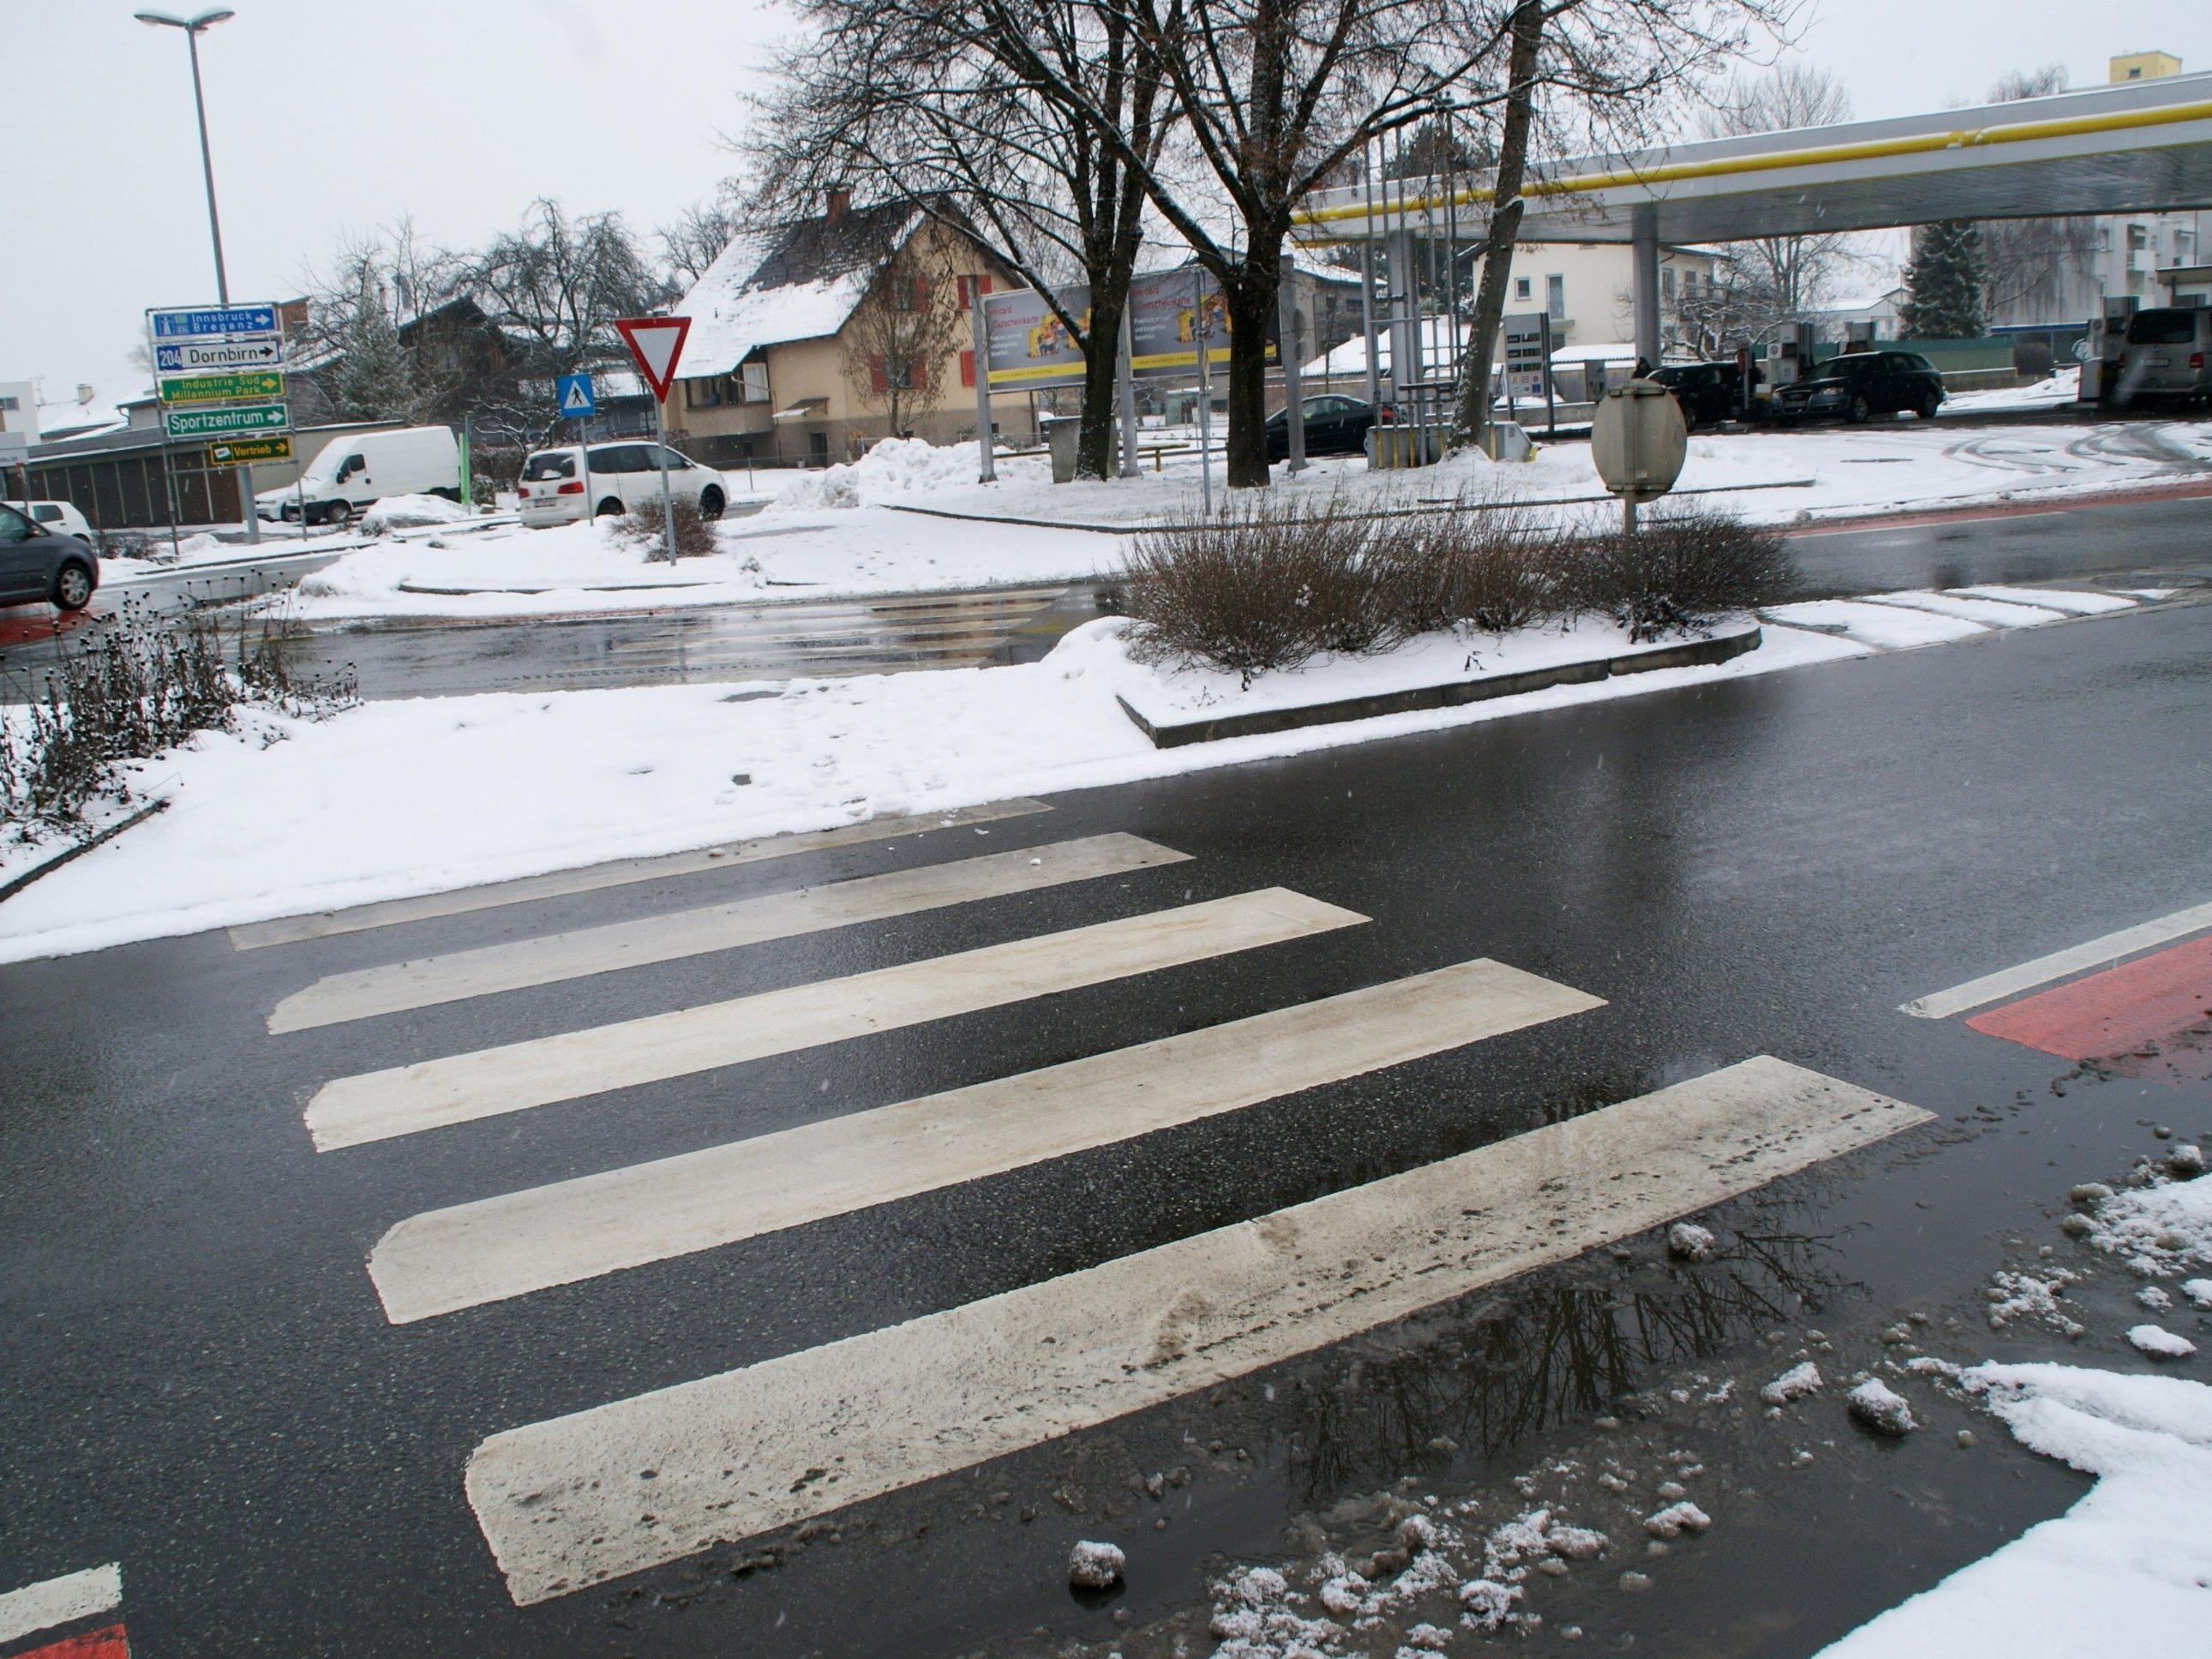 Der Engel Kreisverkehr birgt viele Gefahren für Radler und Fußgänger